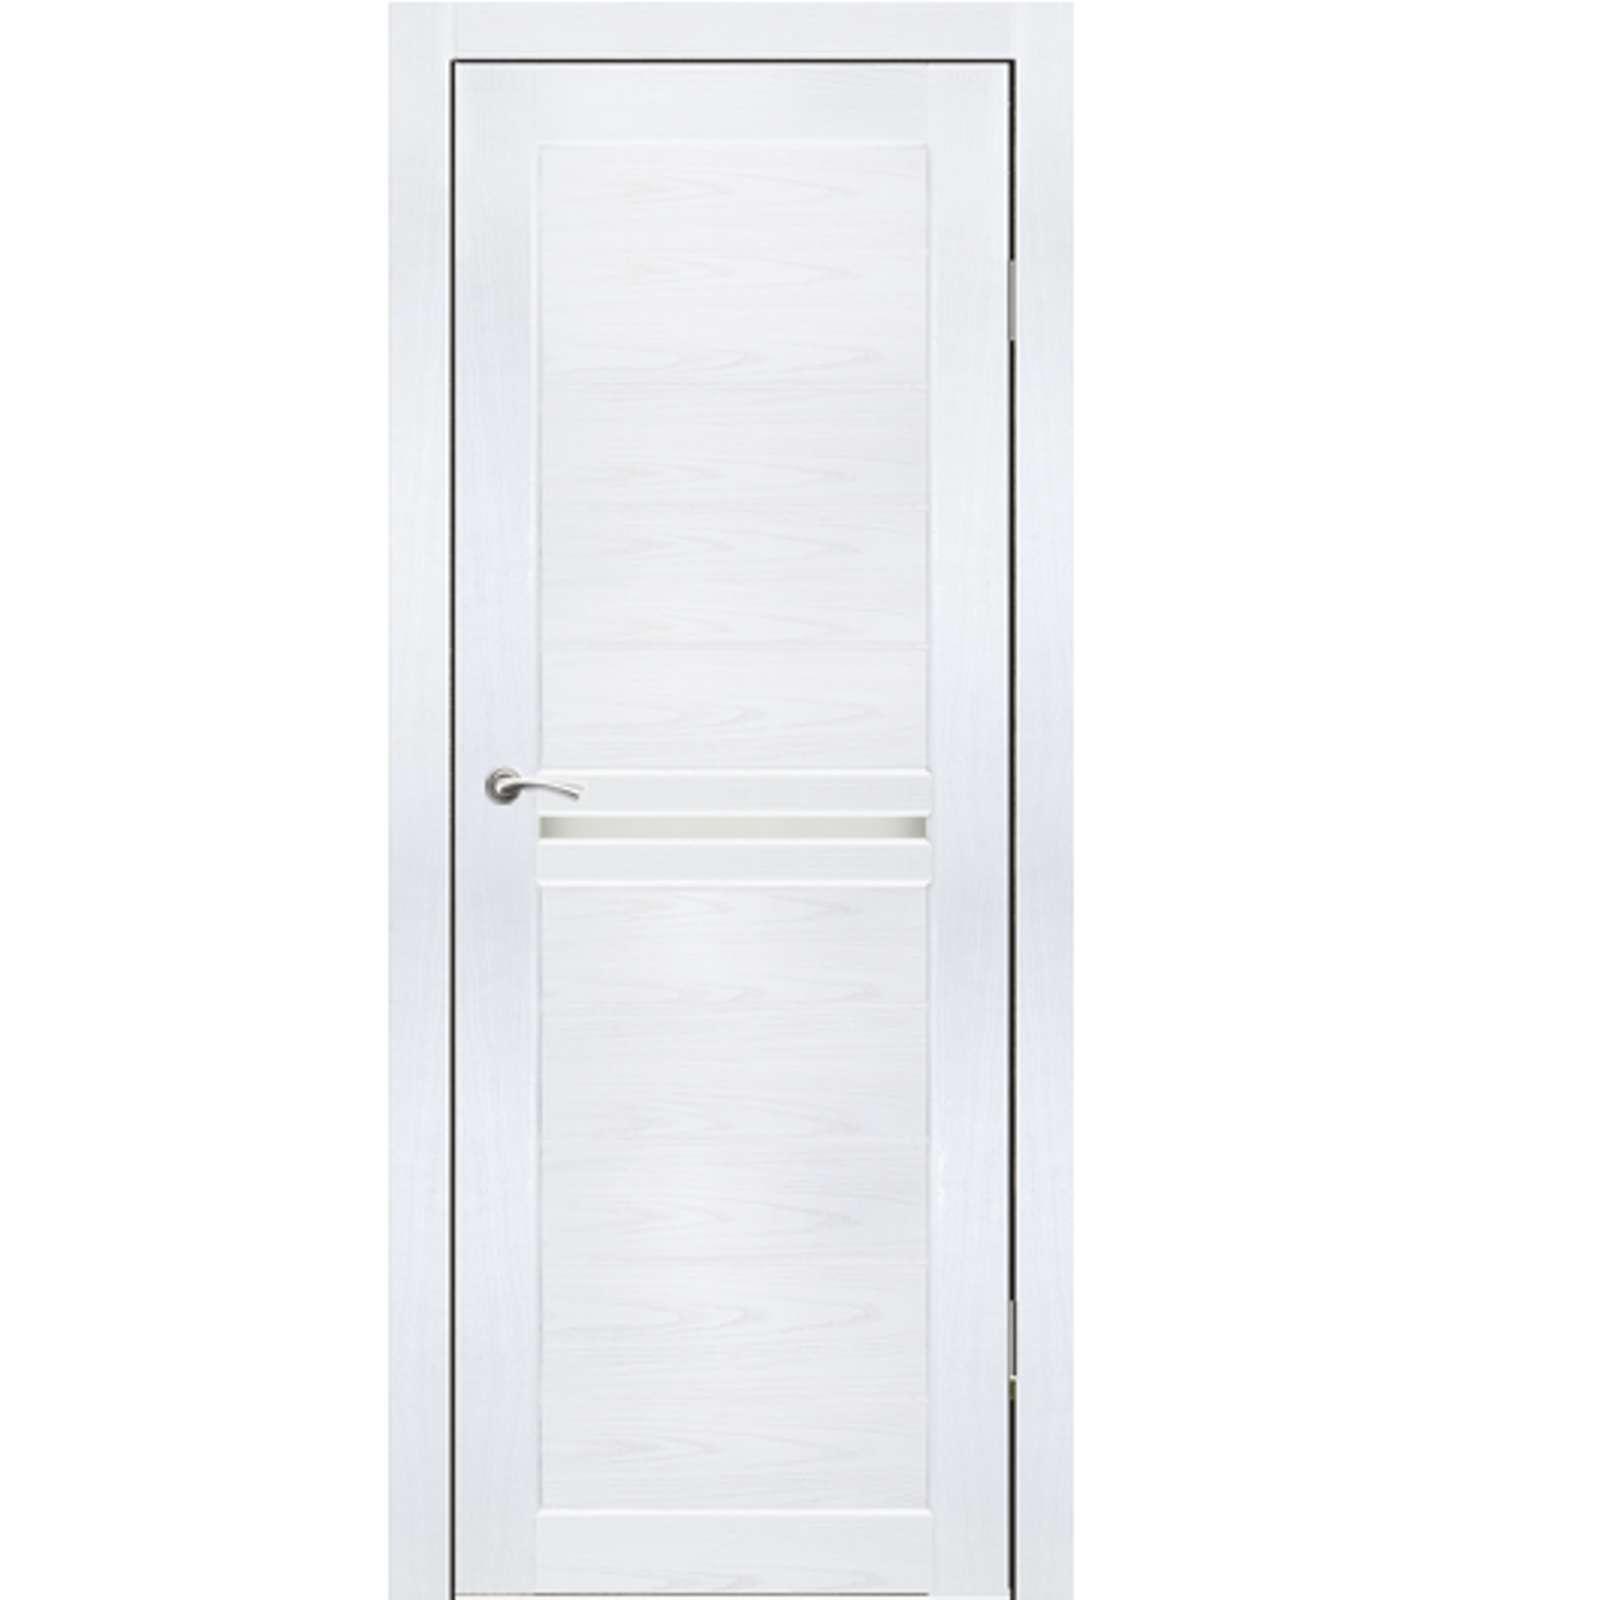 Полотно дверное остекленное Лацио СИНЕРЖИ ясень белый ПВХ, ПДО 800х2000мм